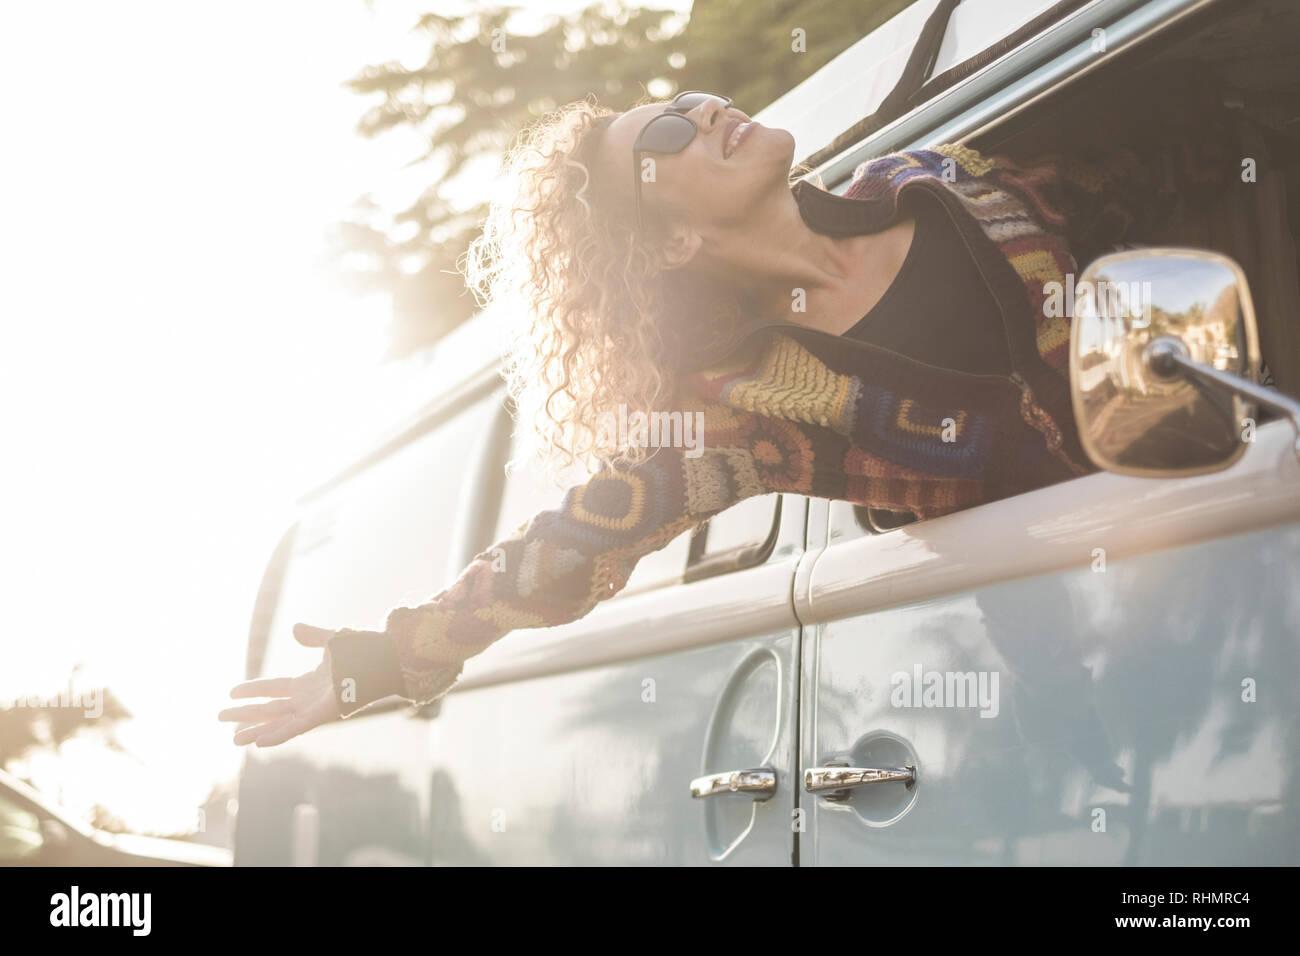 La felicidad y la libertad con el concepto de estilo de vida hermosa chica joven mujer caucásica fuera del vehículo, disfrutando del viento y sentir el aire libre - viajes Foto de stock